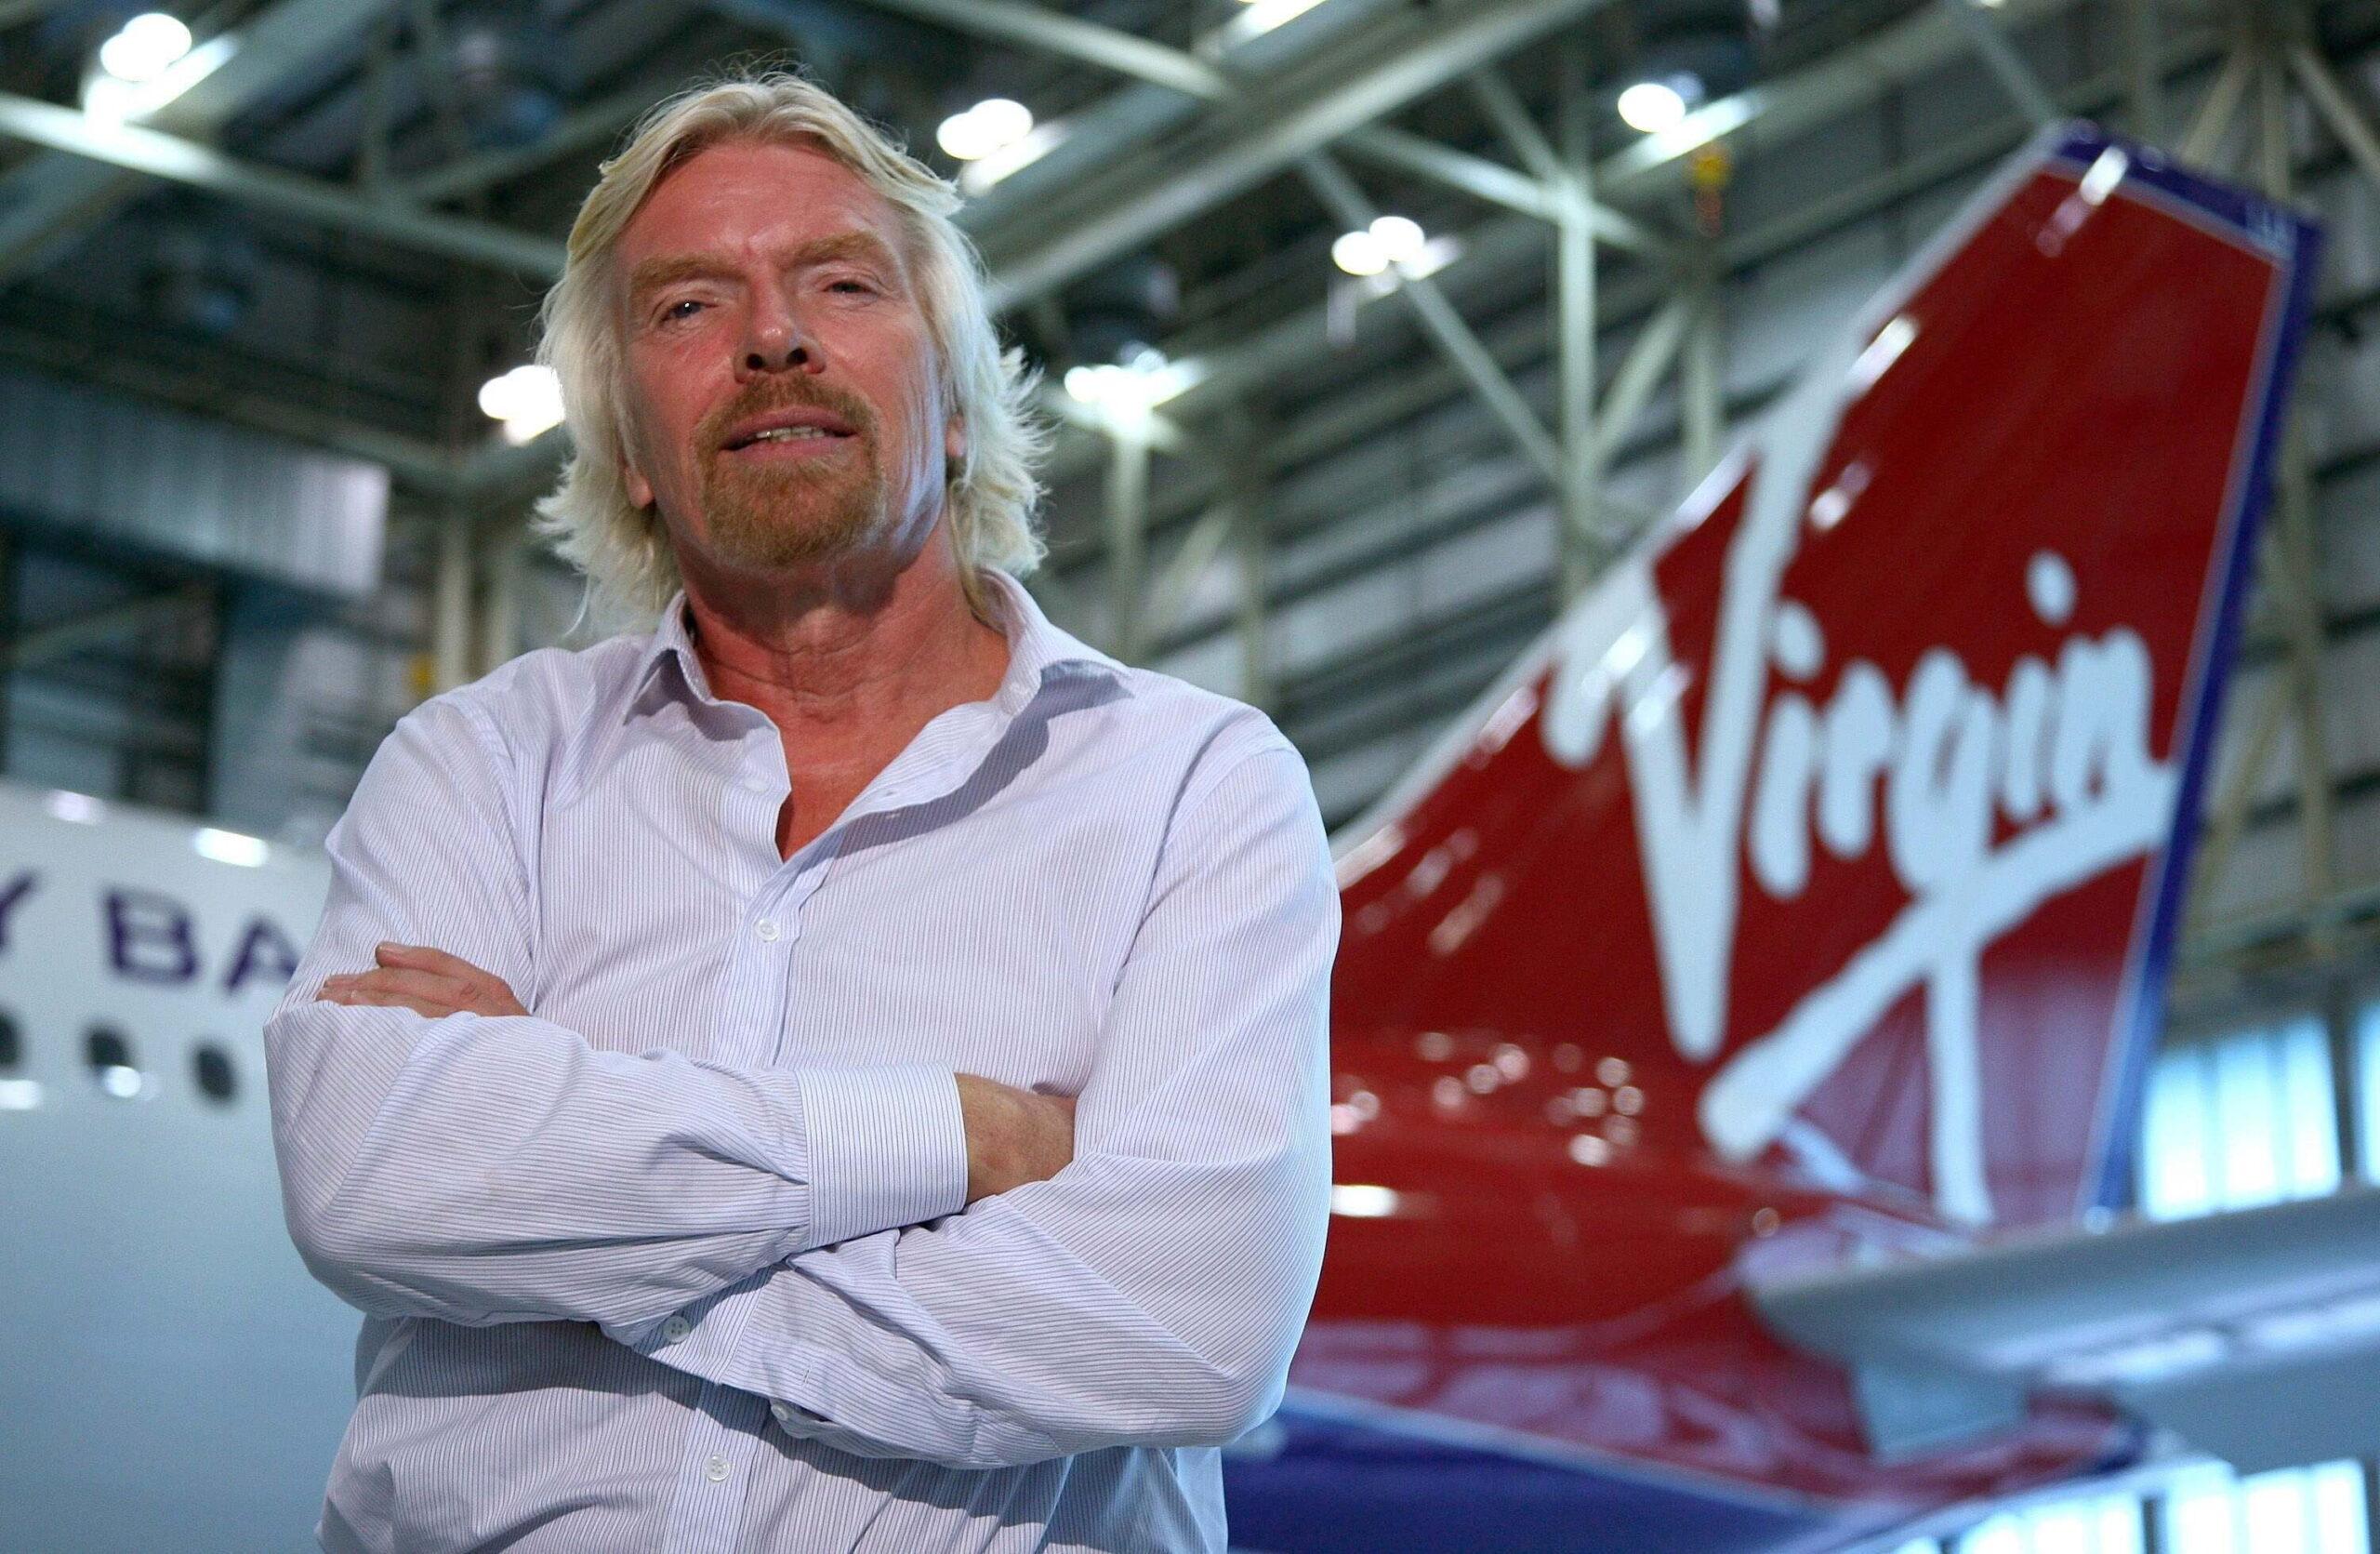 Це Річард Бренсон: він кинув школу, був засуджений за контрабанду, заснував Virgin Group і став мільярдером - news, people, story, business